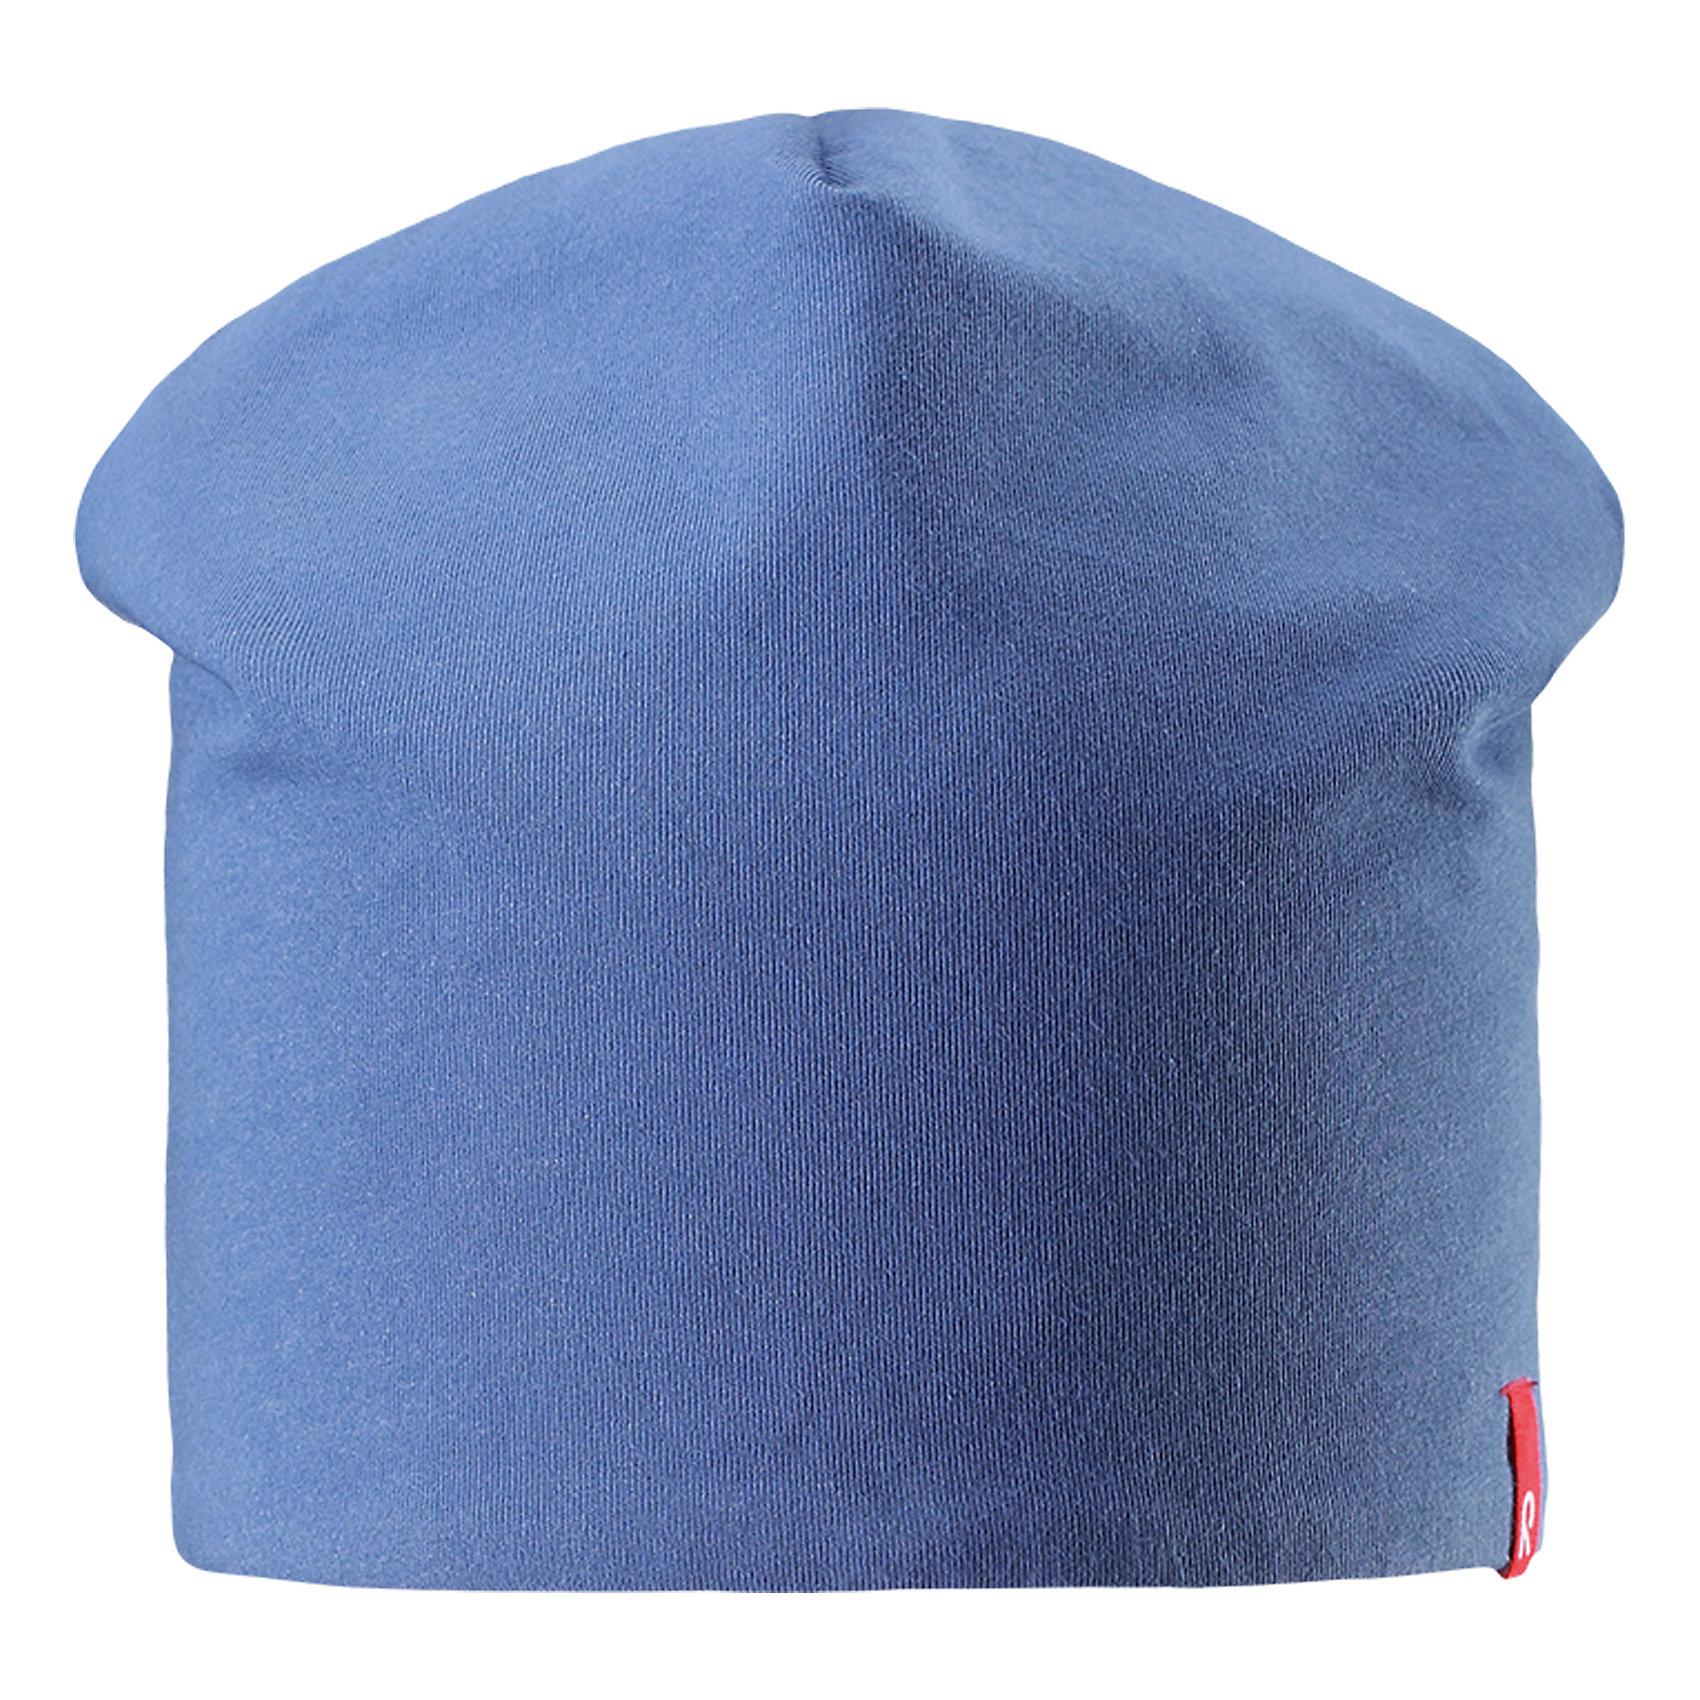 Шапка Lautta ReimaШапки и шарфы<br>Характеристики товара:<br><br>• цвет: голубой/темно-синий<br>• быстросохнущий материал<br>• состав: 65% хлопок, 30% полиэстер, 5% эластан<br>• эластичный материал<br>• двухсторонняя<br>• подкладка: отводящий влагу материал Play Jersey<br>• декоративный логотип<br>• фактор защиты от ультрафиолета: 40+<br>• комфортная посадка<br>• страна производства: Китай<br>• страна бренда: Финляндия<br>• коллекция: весна-лето 2017<br><br>Детский головной убор может быть модным и удобным одновременно! Стильная шапка поможет обеспечить ребенку комфорт и дополнить наряд. Она отлично смотрится с различной одеждой. Шапка удобно сидит и аккуратно выглядит. Проста в уходе, долго служит. Стильный дизайн разрабатывался специально для детей. Отличная защита от солнца!<br><br>Одежда и обувь от финского бренда Reima пользуется популярностью во многих странах. Эти изделия стильные, качественные и удобные. Для производства продукции используются только безопасные, проверенные материалы и фурнитура. Порадуйте ребенка модными и красивыми вещами от Reima! <br><br>Шапку от финского бренда Reima (Рейма) можно купить в нашем интернет-магазине.<br><br>Ширина мм: 89<br>Глубина мм: 117<br>Высота мм: 44<br>Вес г: 155<br>Цвет: синий<br>Возраст от месяцев: 18<br>Возраст до месяцев: 36<br>Пол: Унисекс<br>Возраст: Детский<br>Размер: 50,54<br>SKU: 5267931